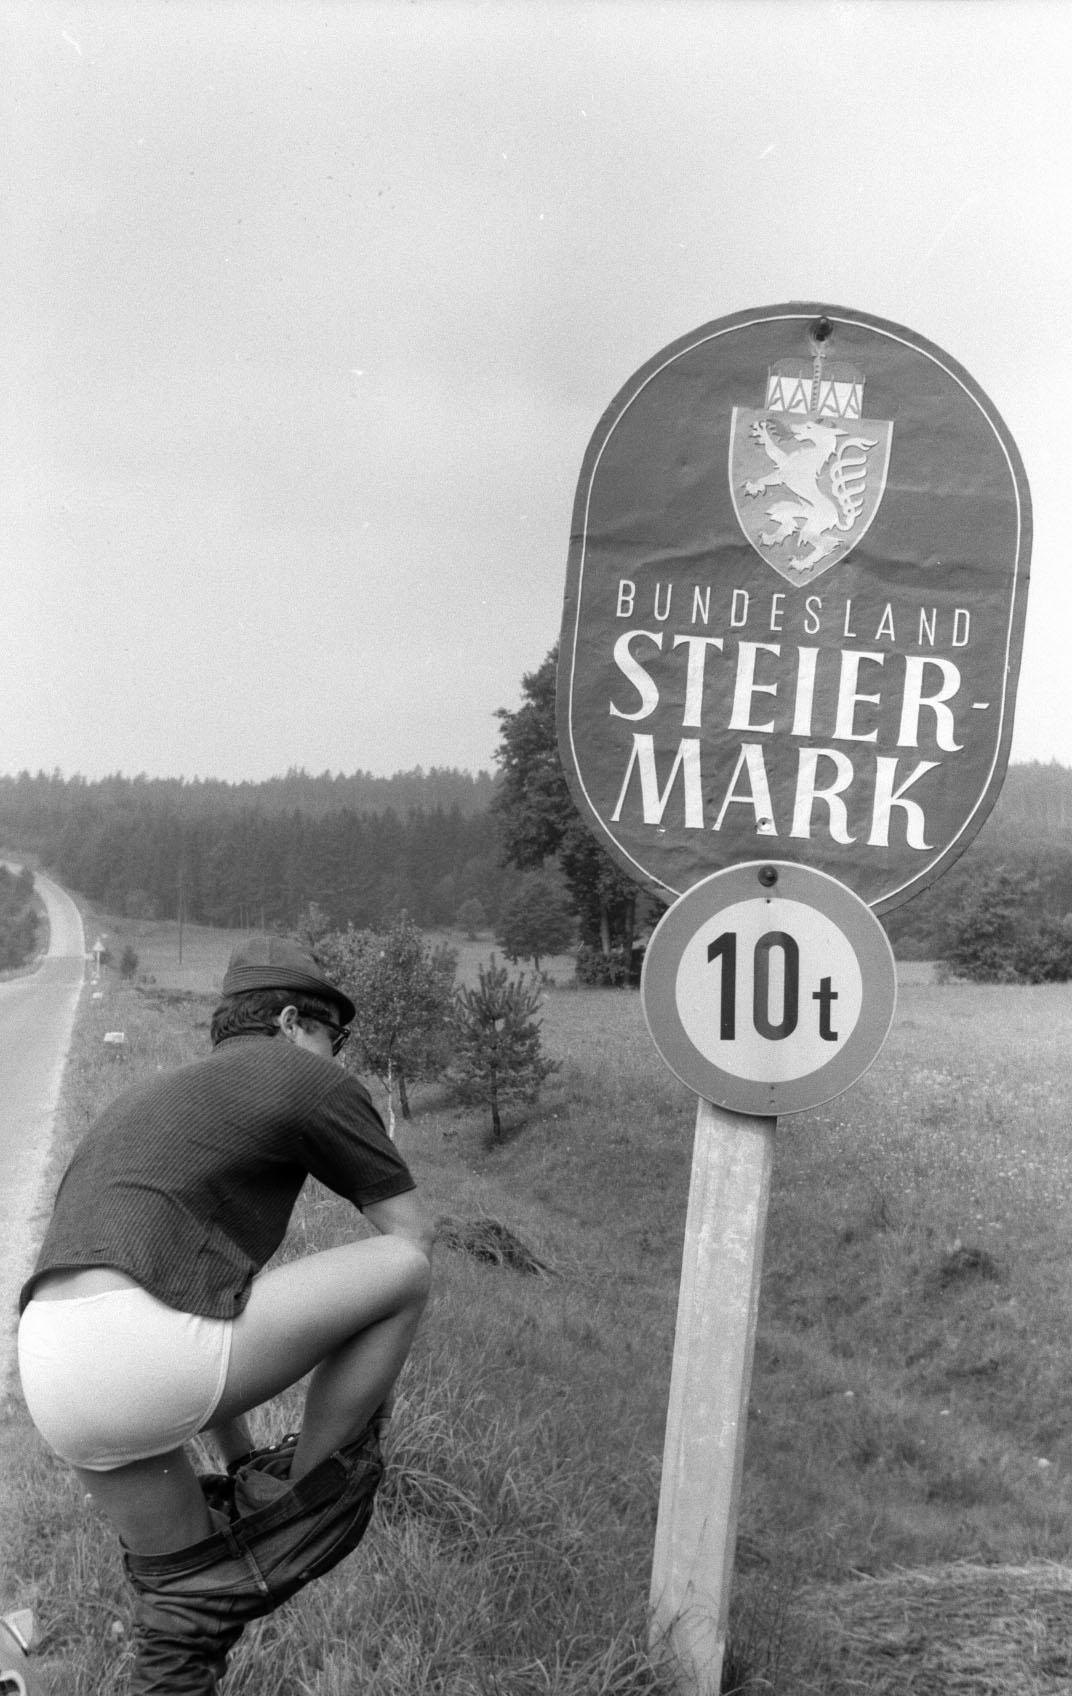 Wir verlassen die Steiermark